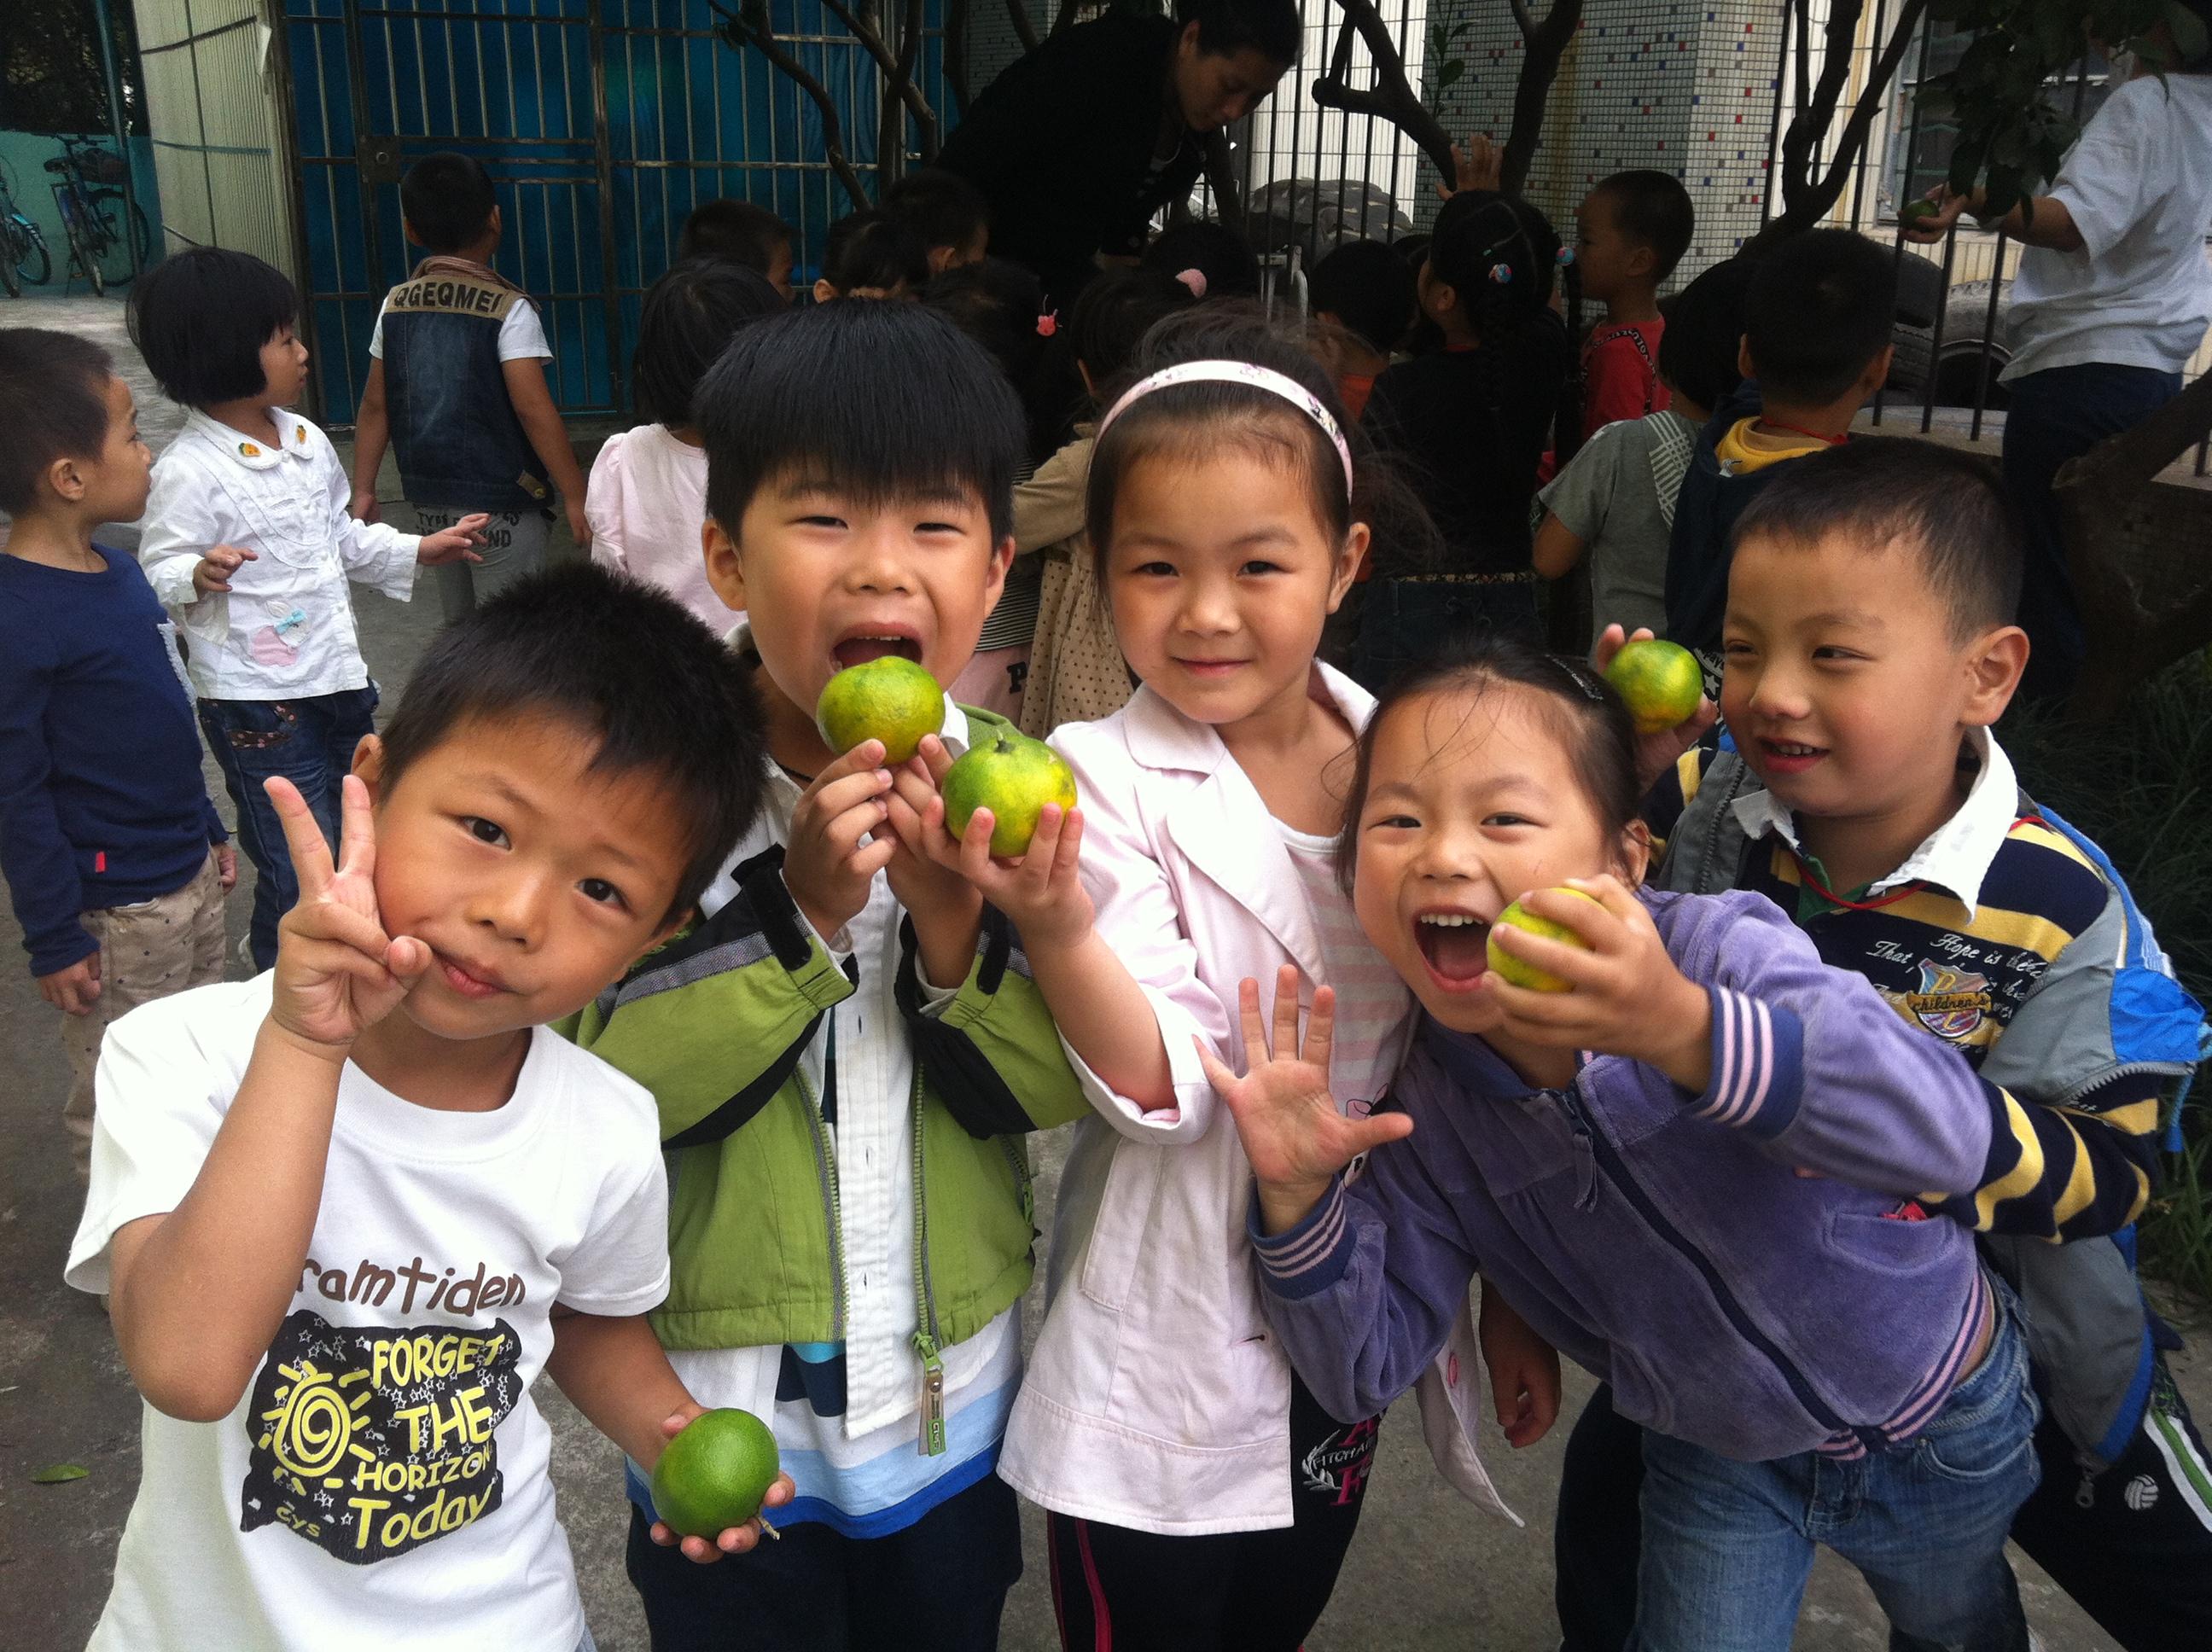 秋天到了,幼儿园的橘子也成熟啦,今天我们来到了幼儿园的橘子树前